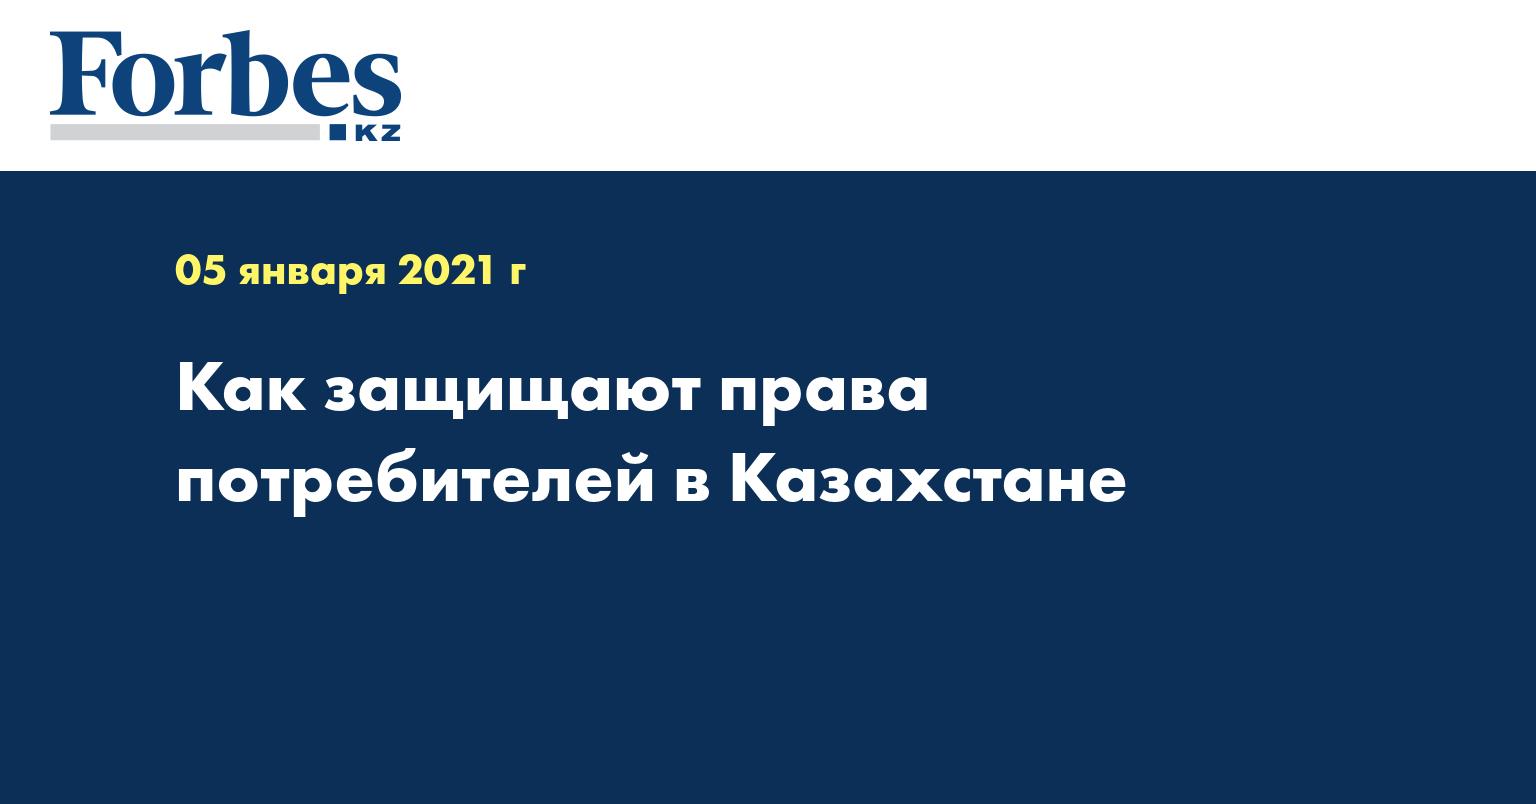 Как защищают права потребителей в Казахстане